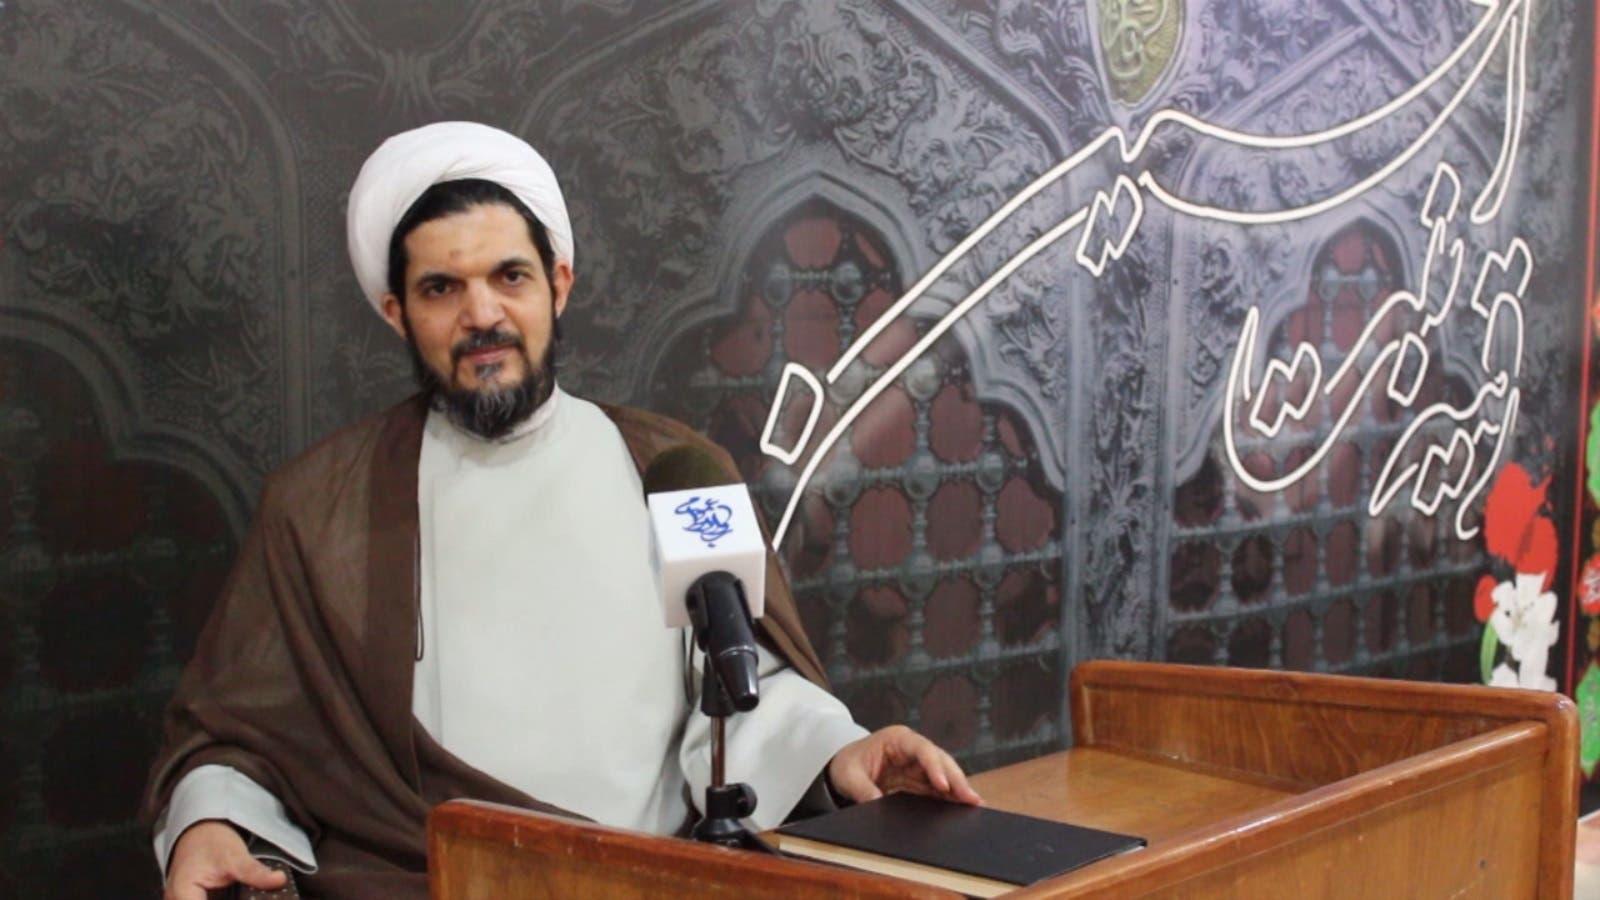 شيخ محمد هادی مفتح